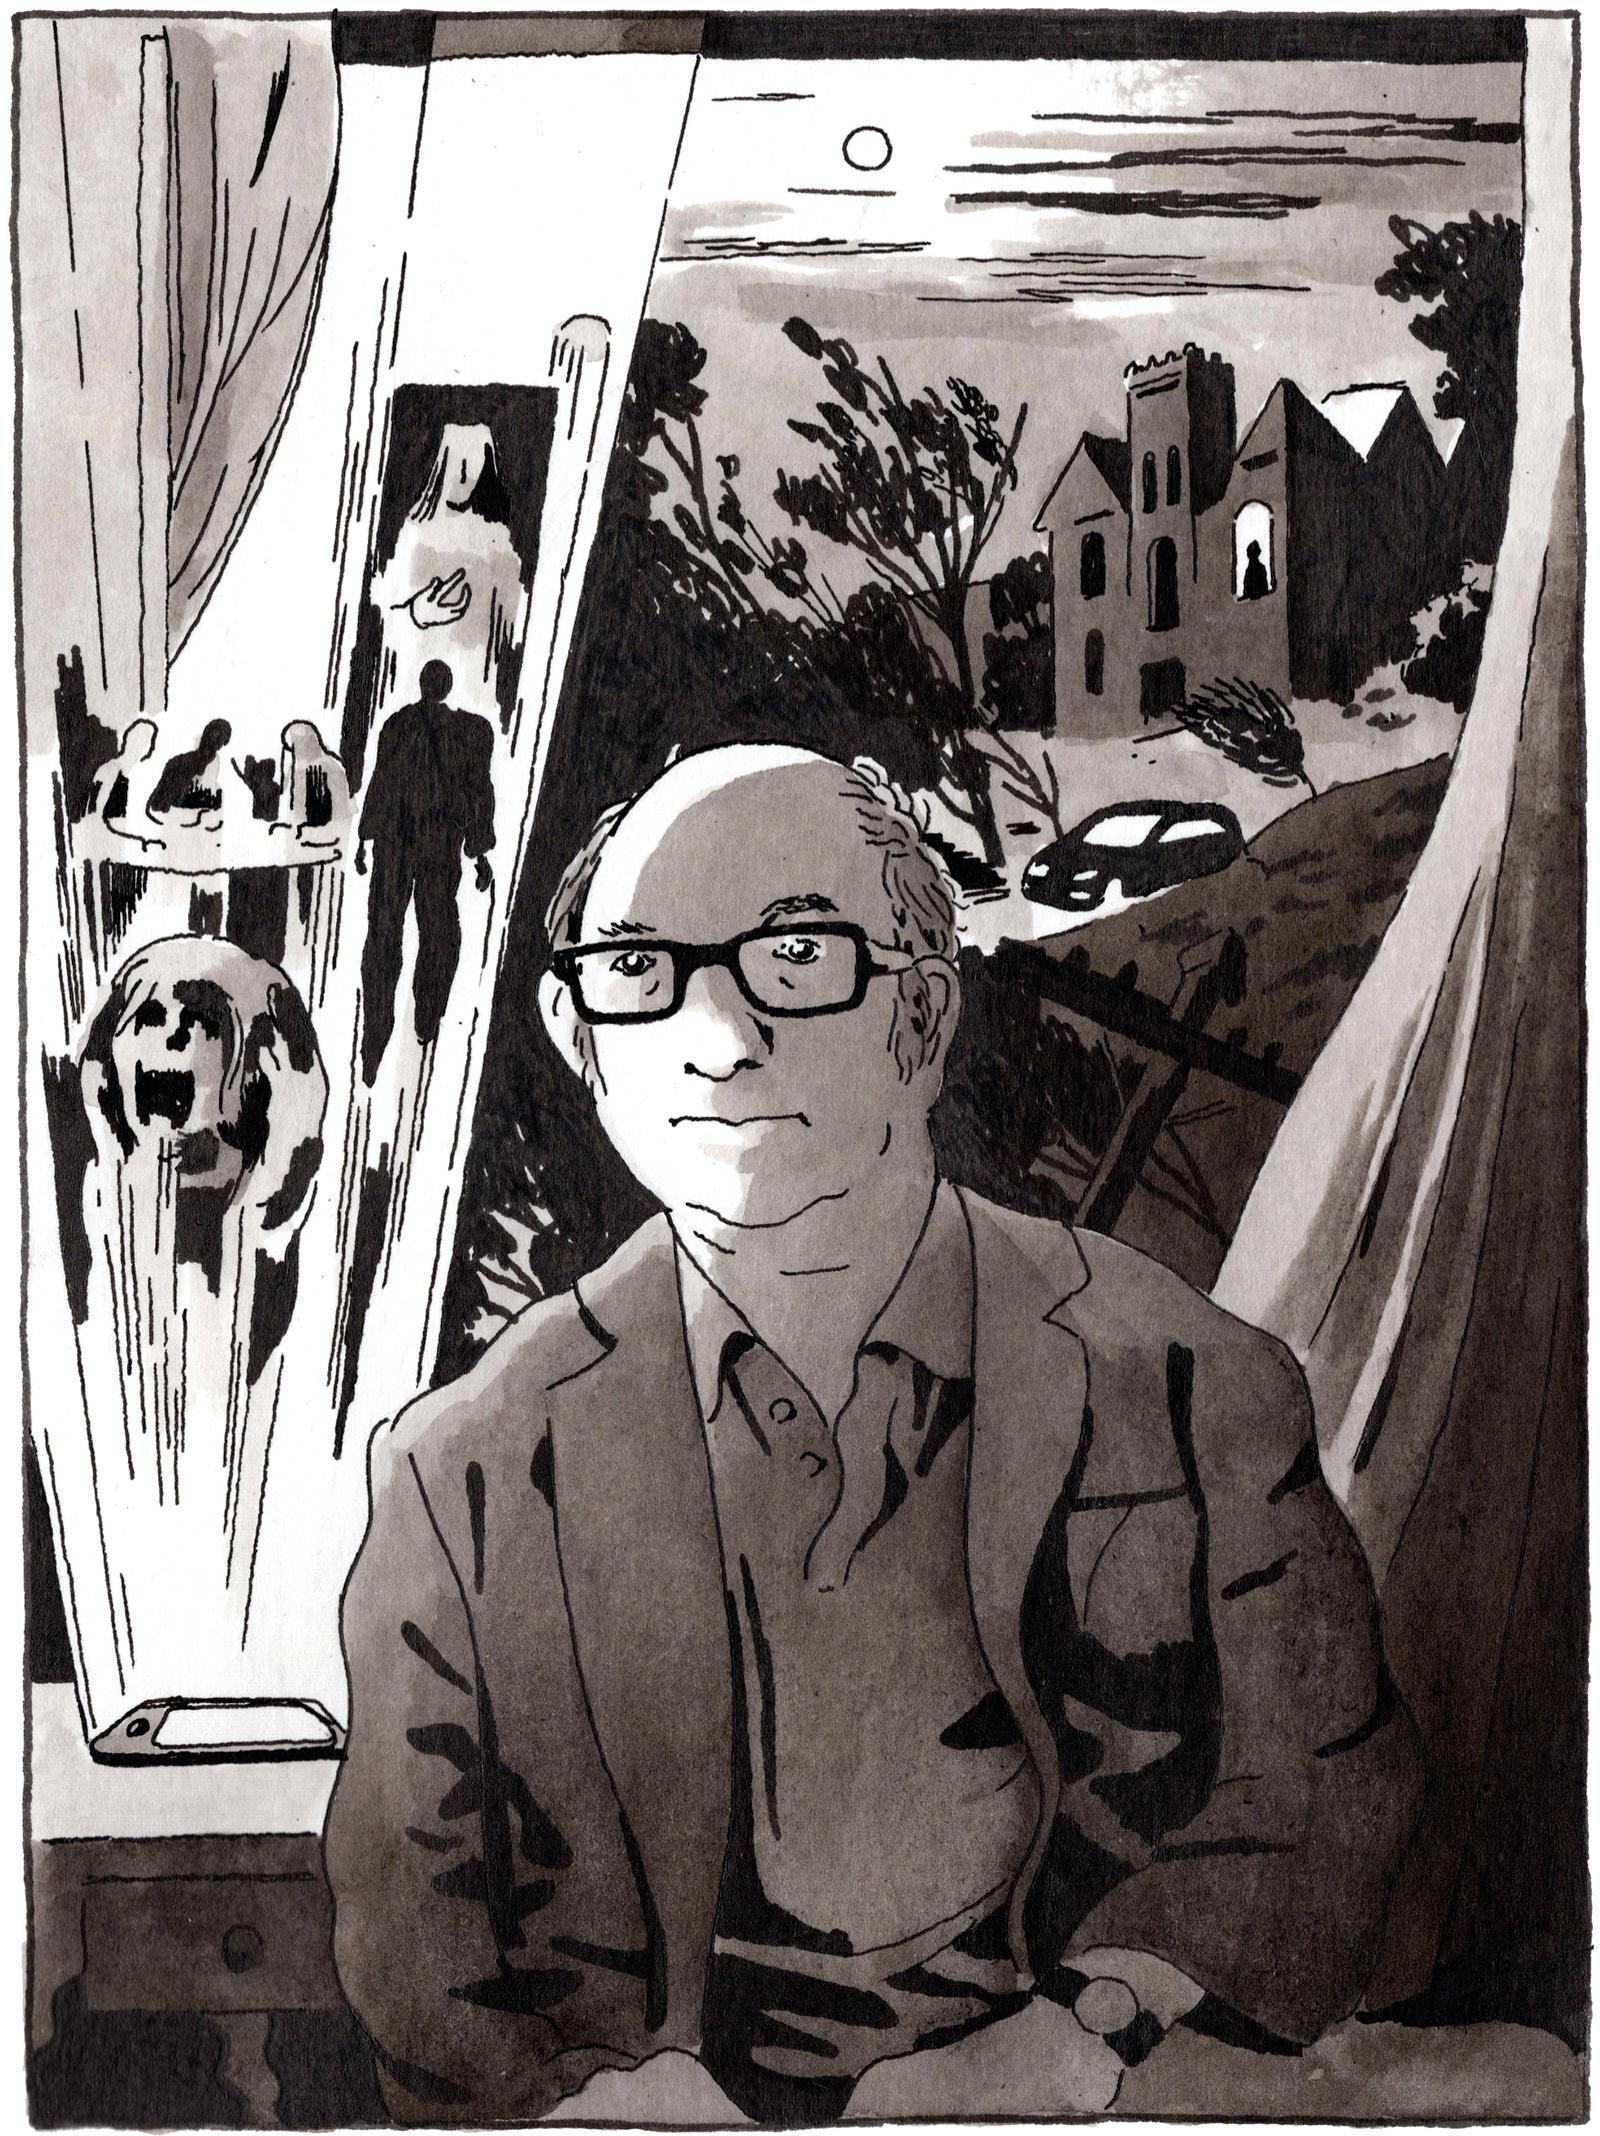 John Lanchester